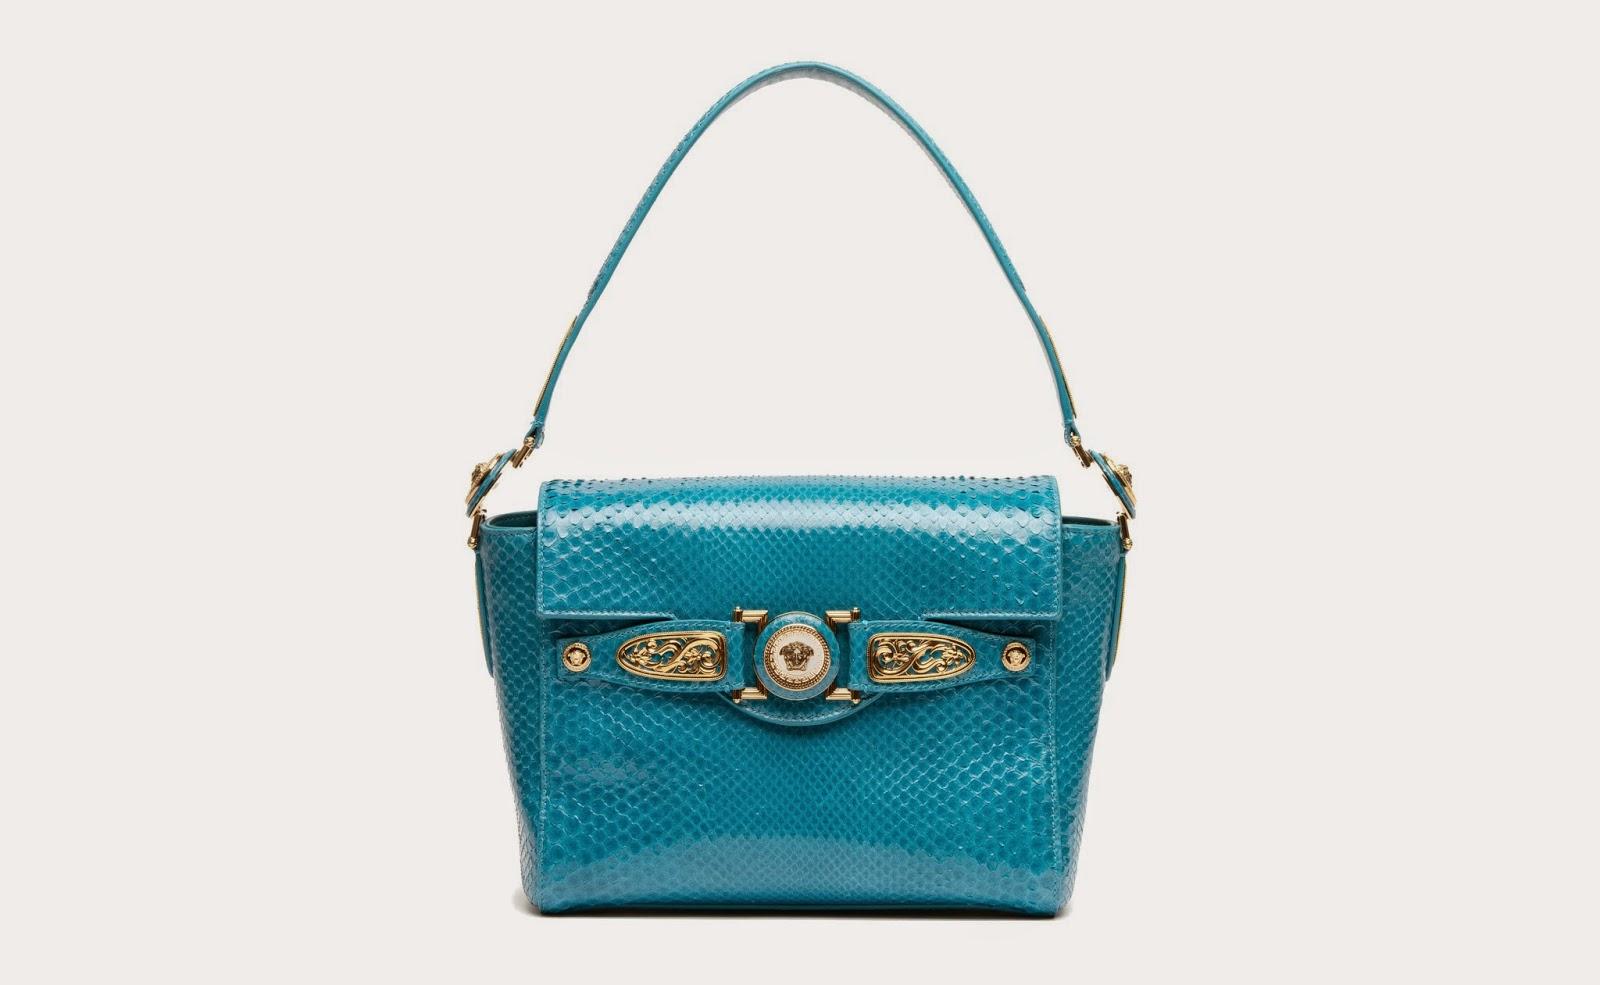 1fee014851 My Vitrina  MV News  Versace Introduces The D. Signature Bag